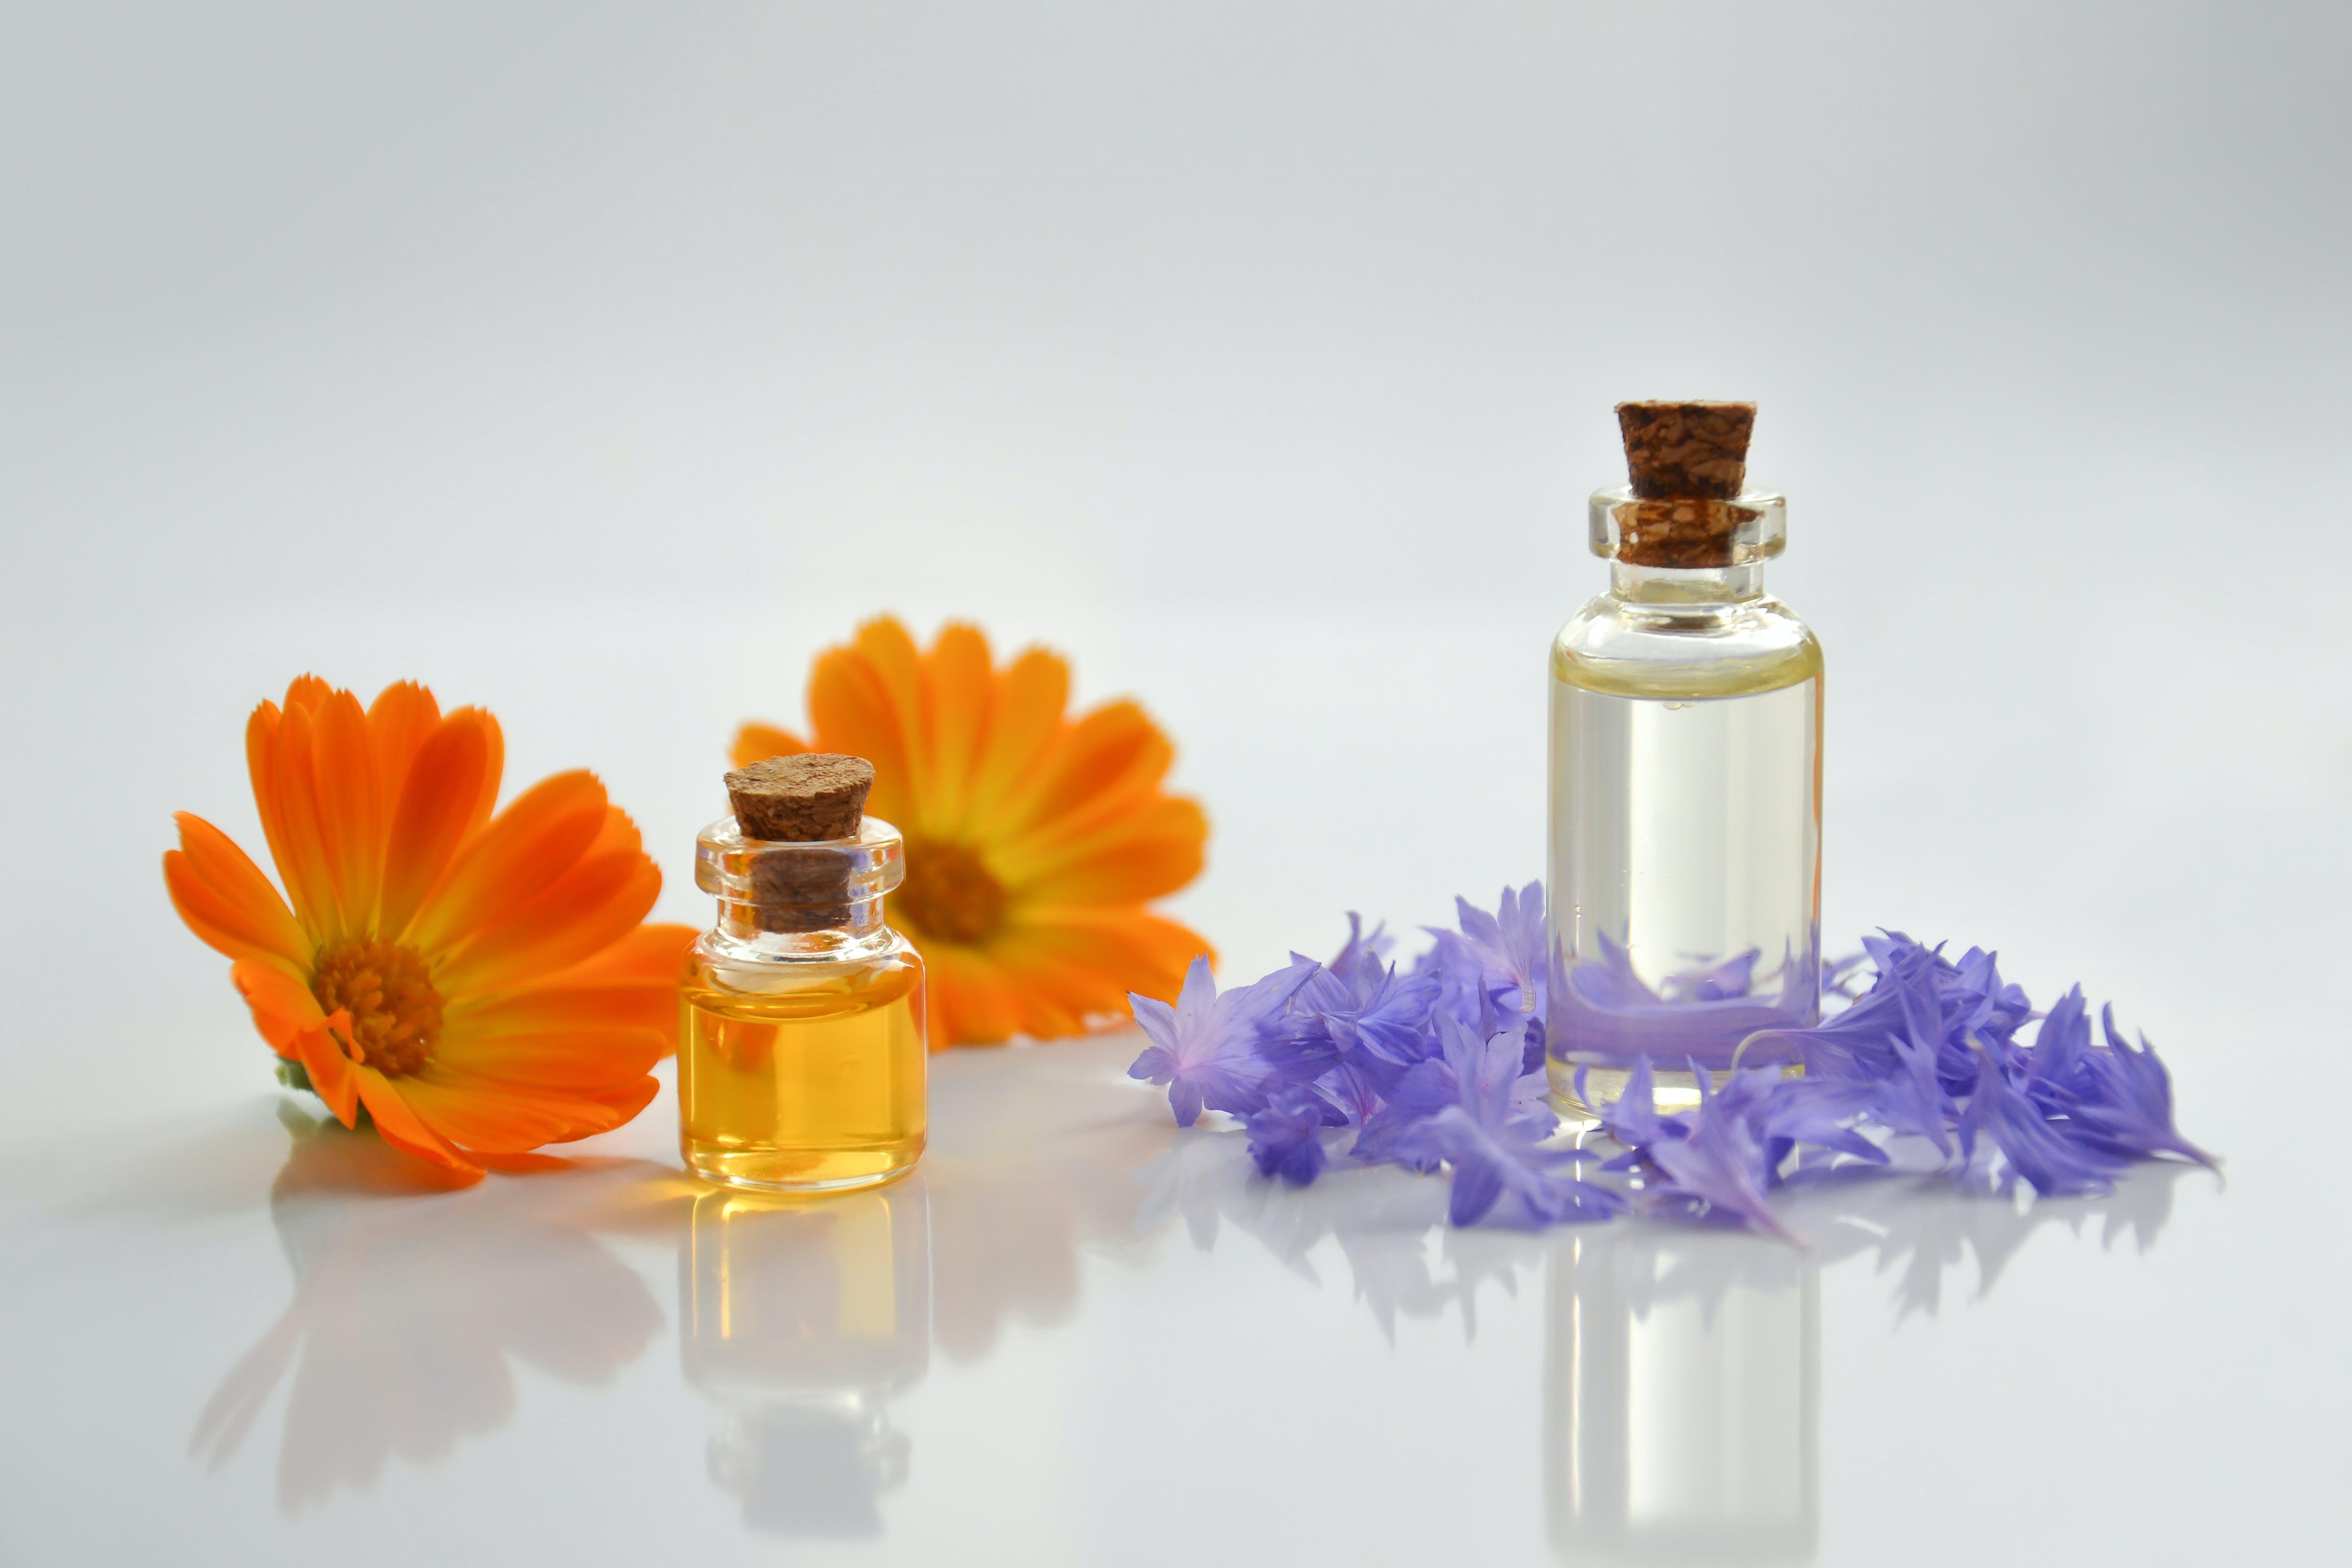 Ilmainen kuvapankkikuva tunnisteilla альтернатива, ароматерапия, лекарственное средство, спа